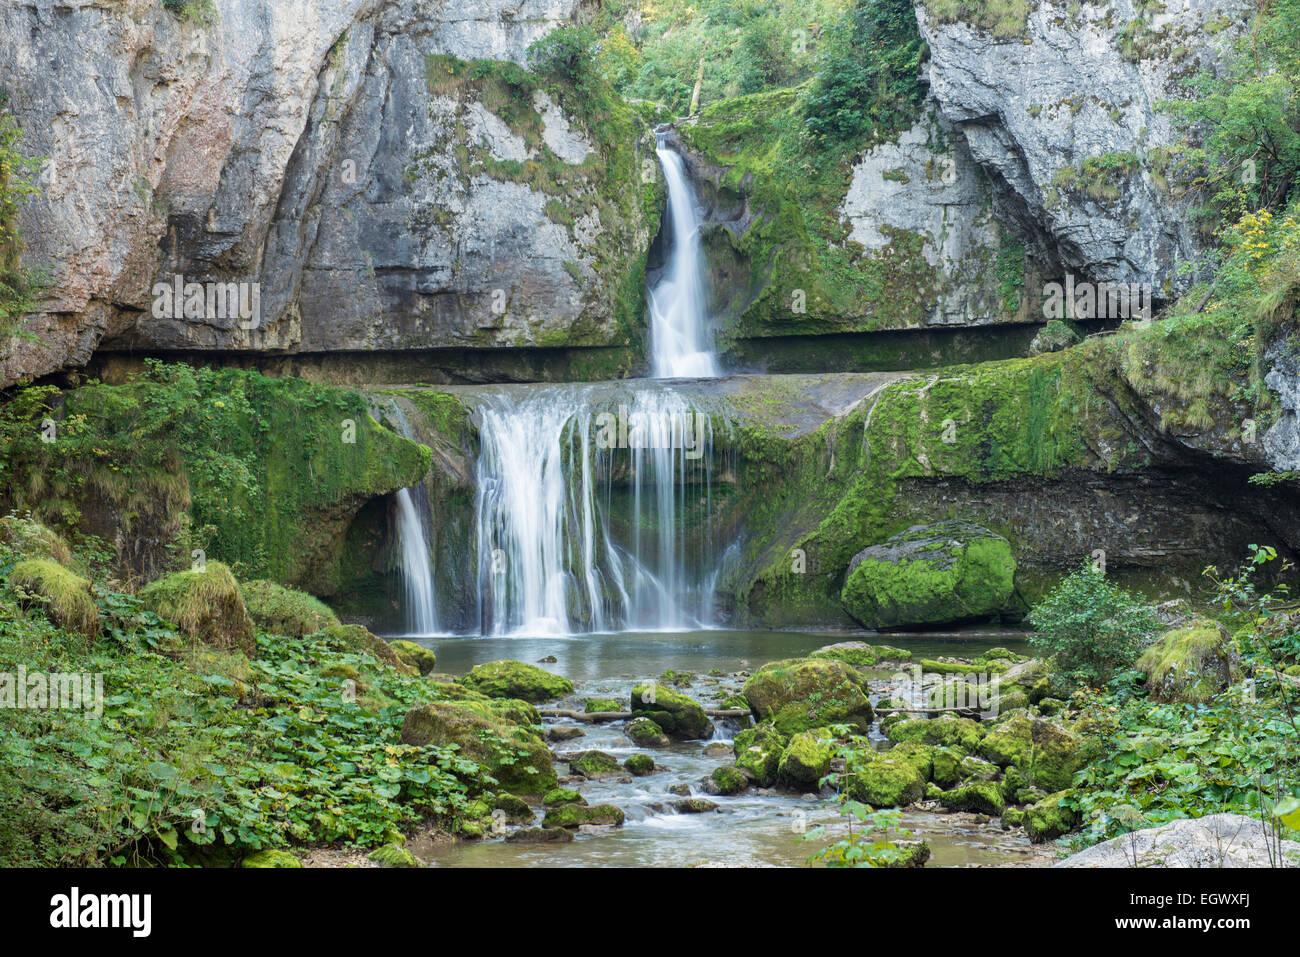 Cascade de la Billaude près de Vaudioux dans le département du Jura de France Banque D'Images